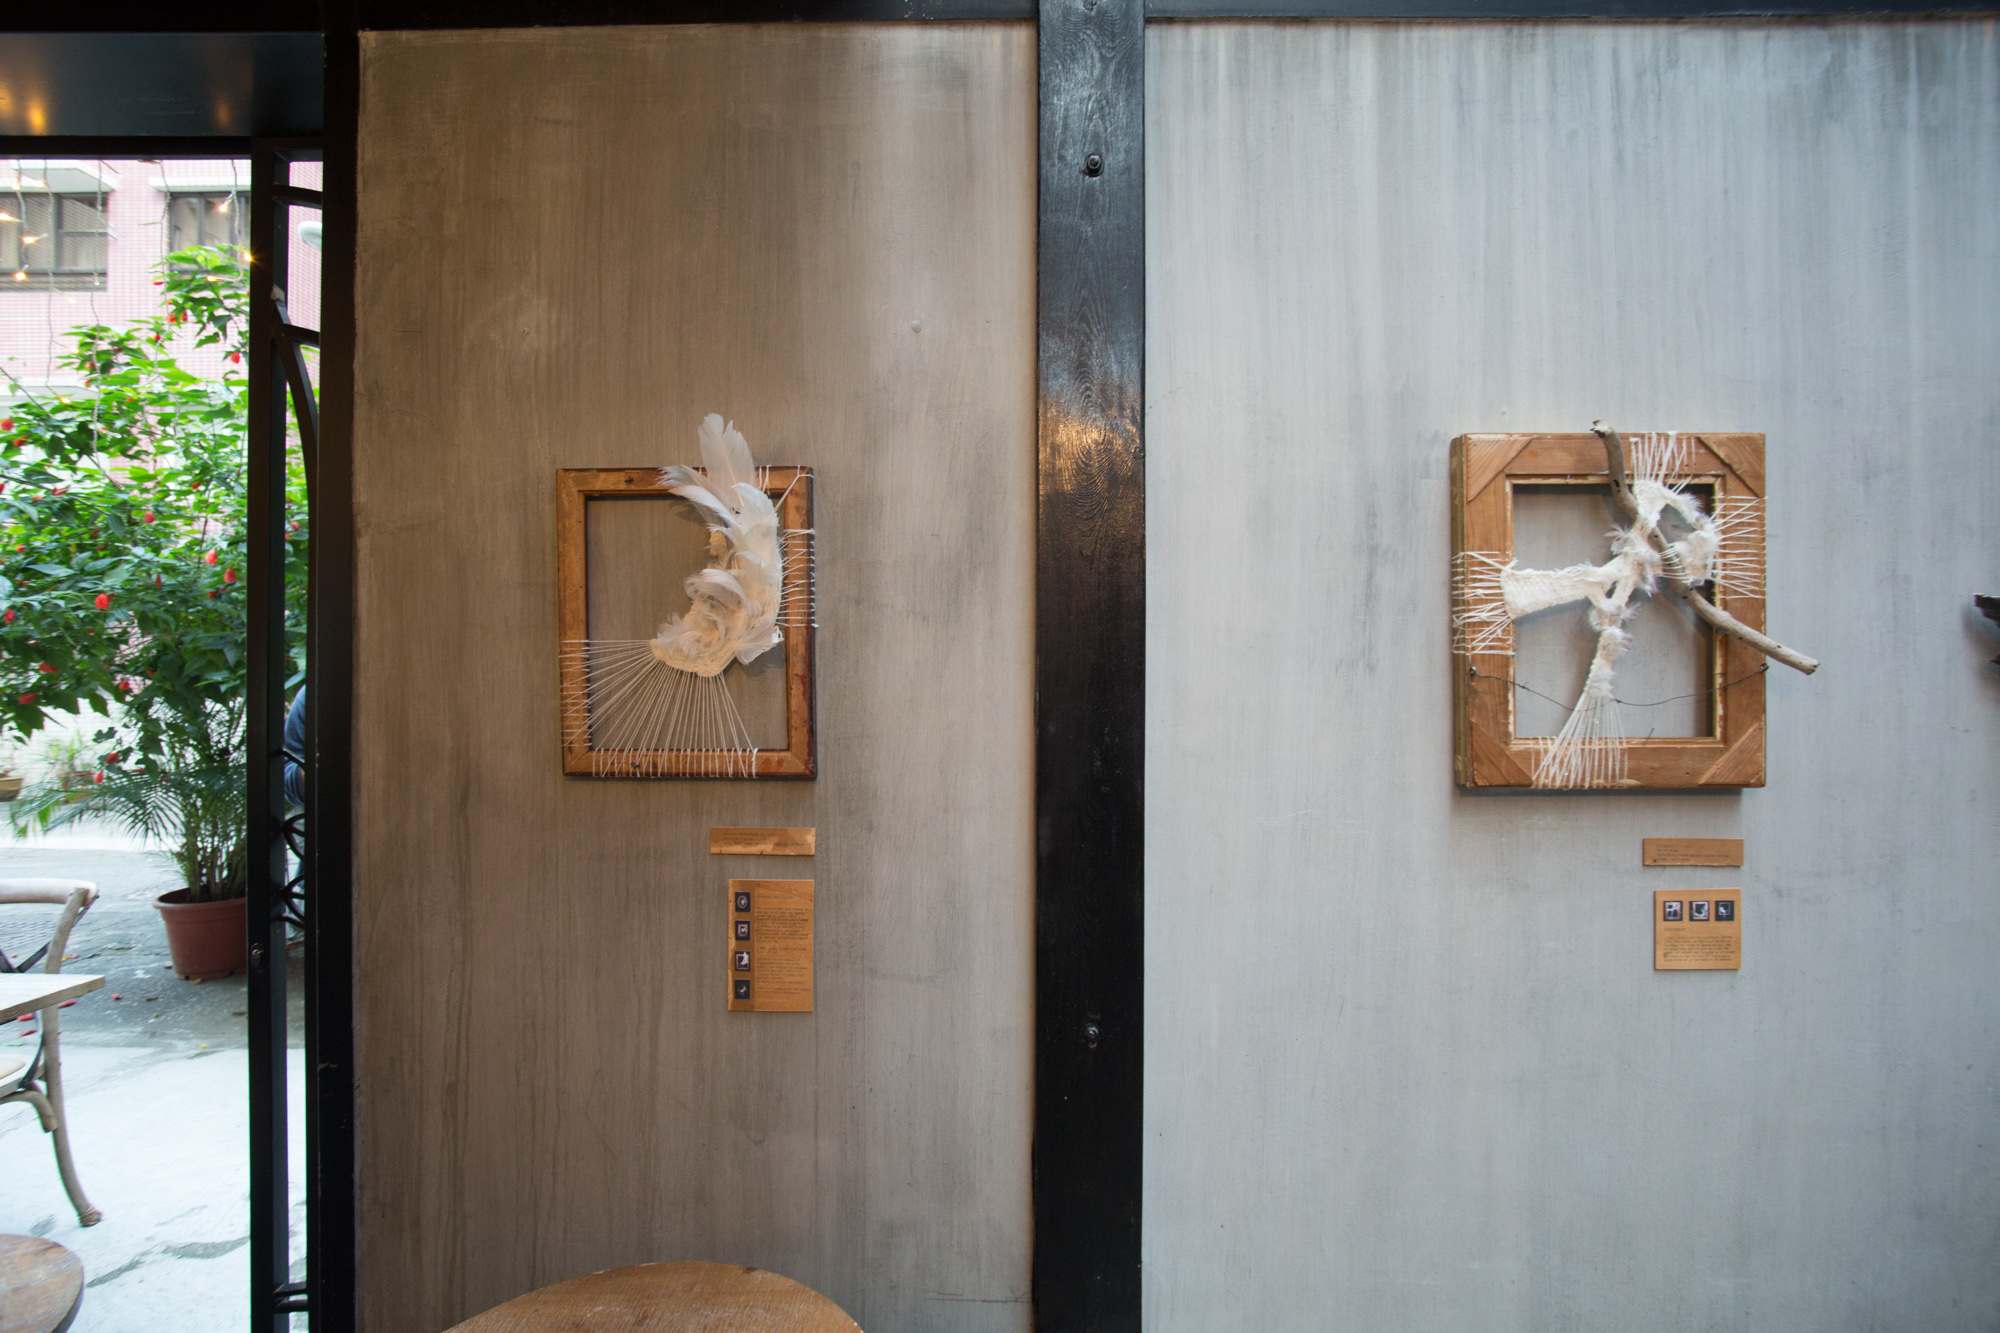 1-Exhibits-032.jpg